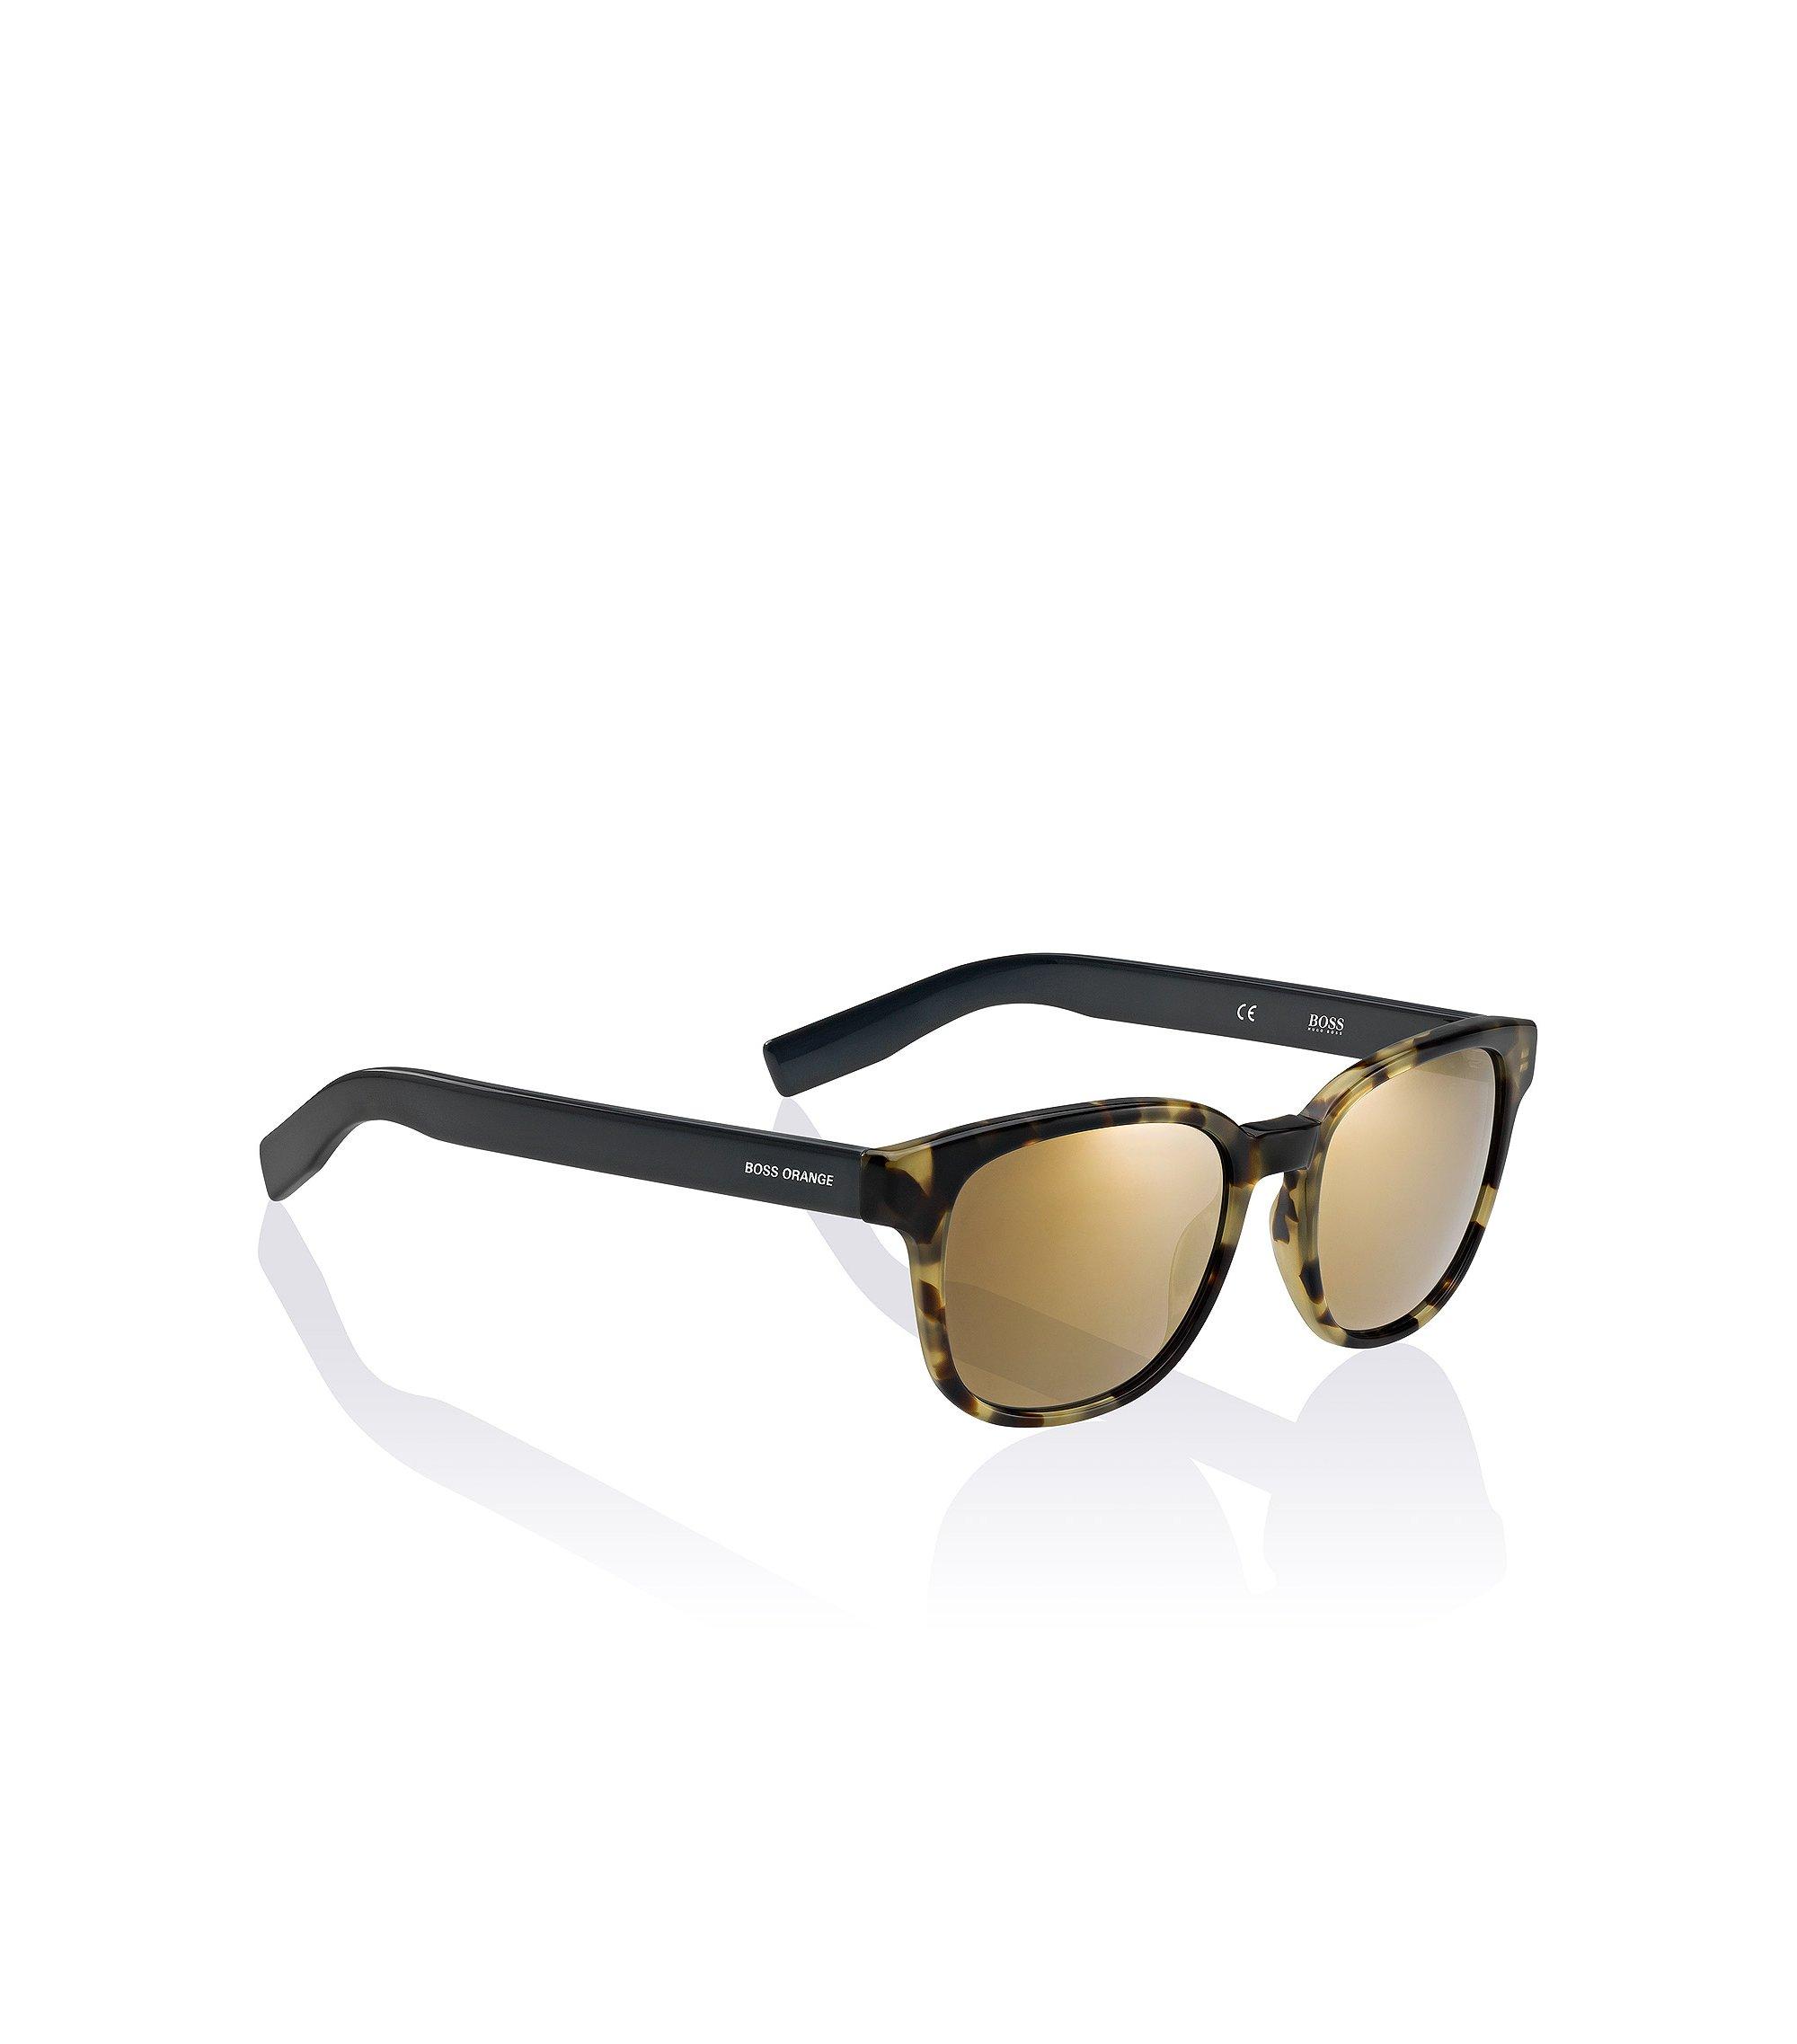 Wayfarer-Sonnenbrille ´BO 0193`, Assorted-Pre-Pack